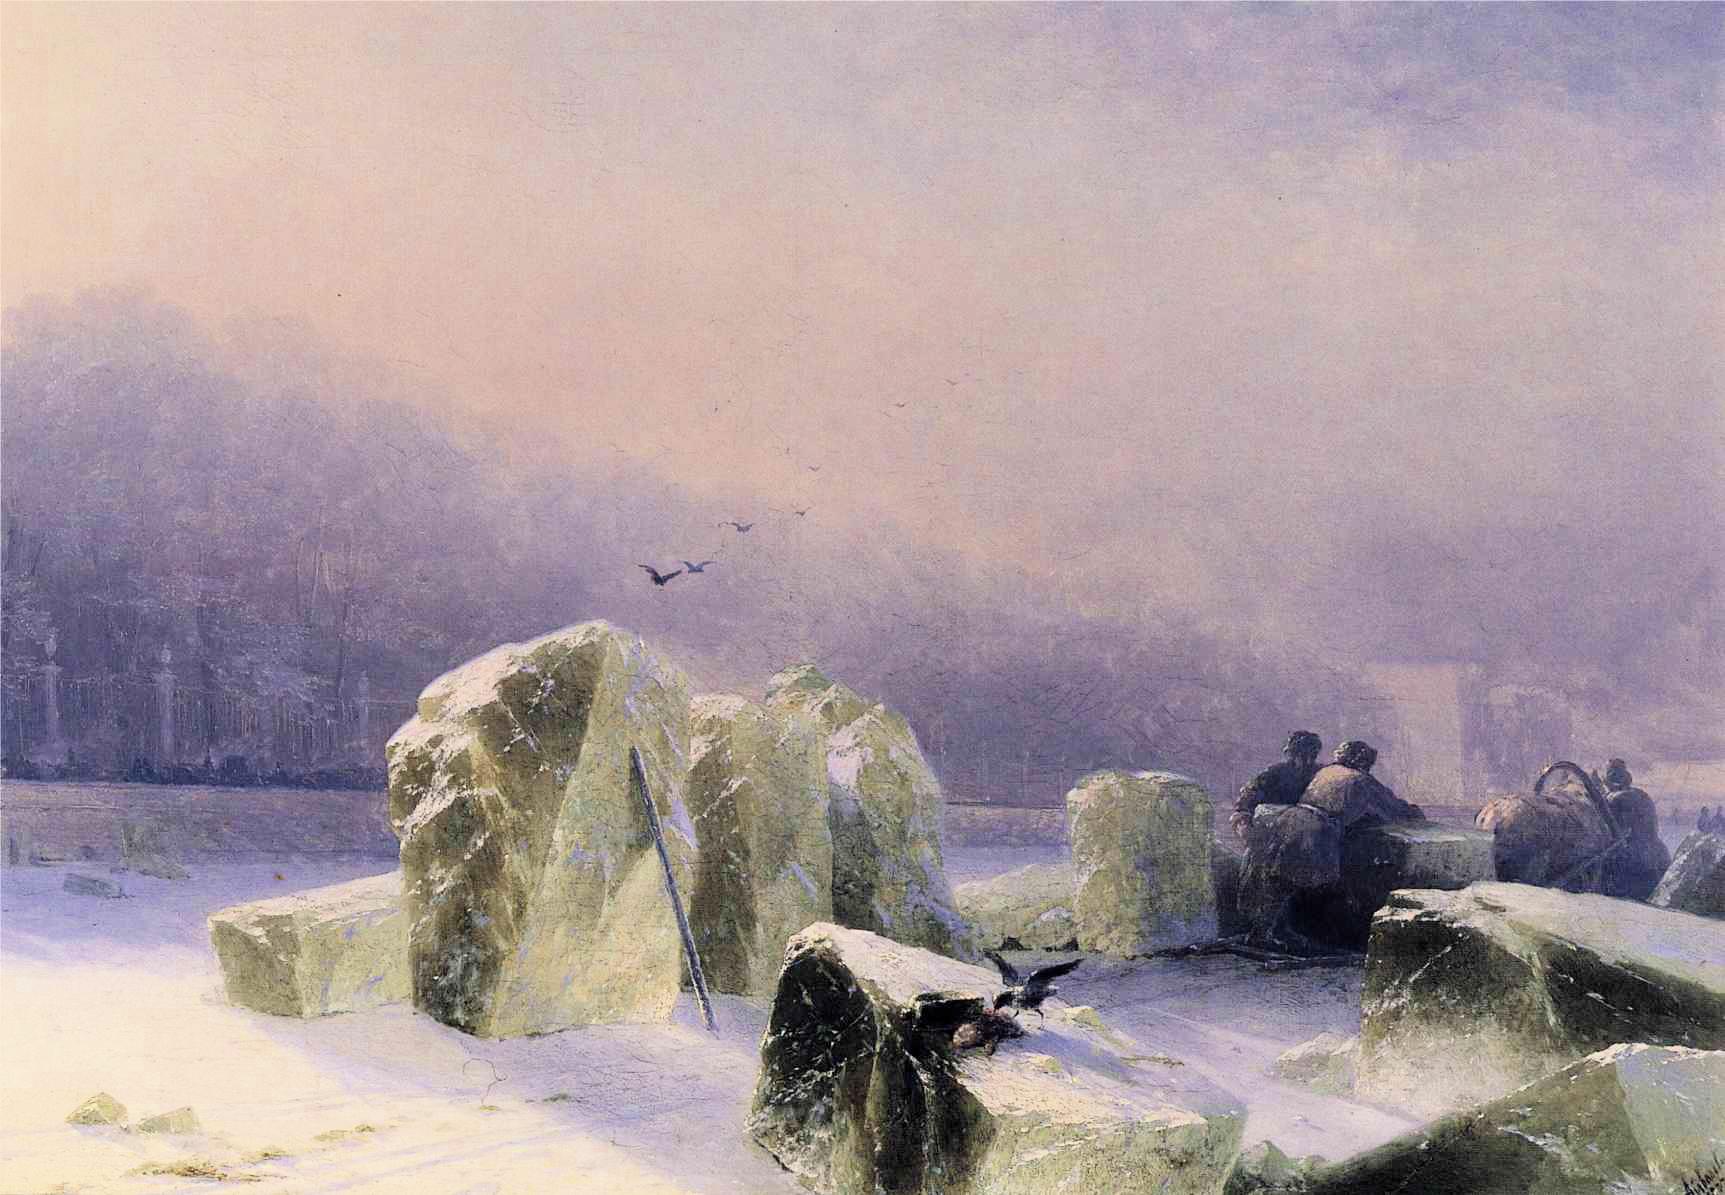 Айвазовский. Ледорубы на Неве, 1877.